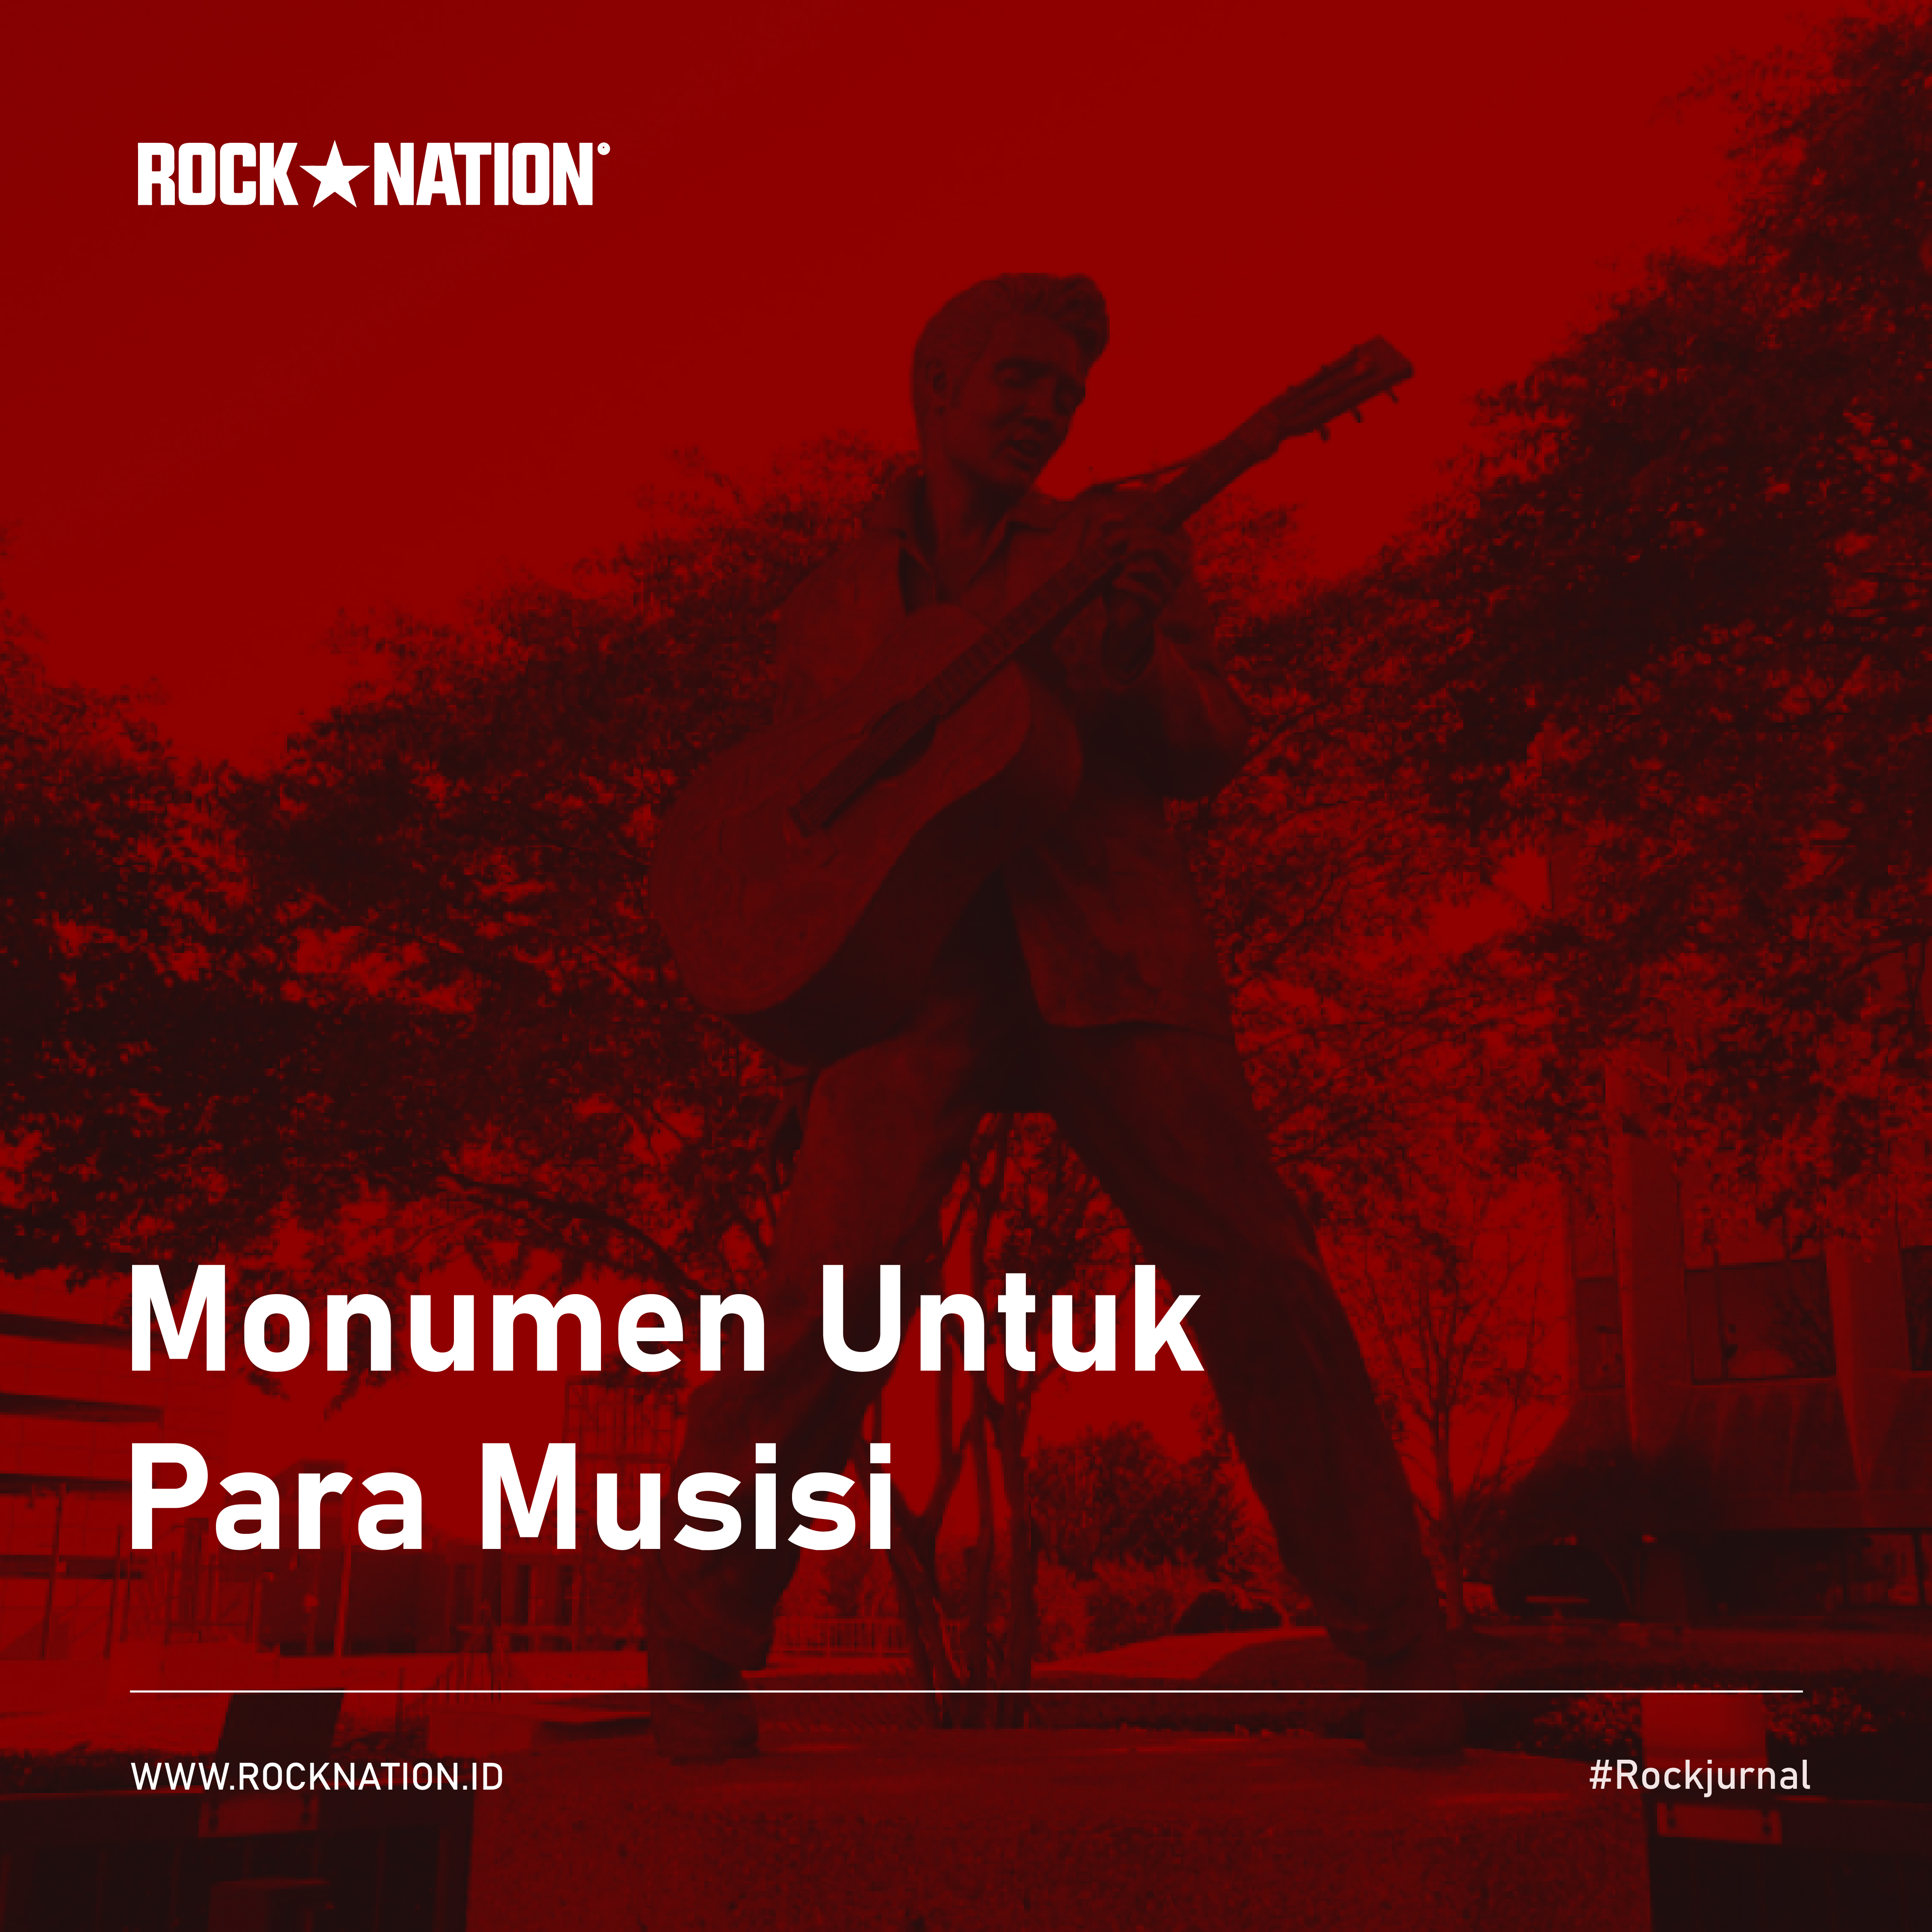 Monumen Untuk Para Musisi image